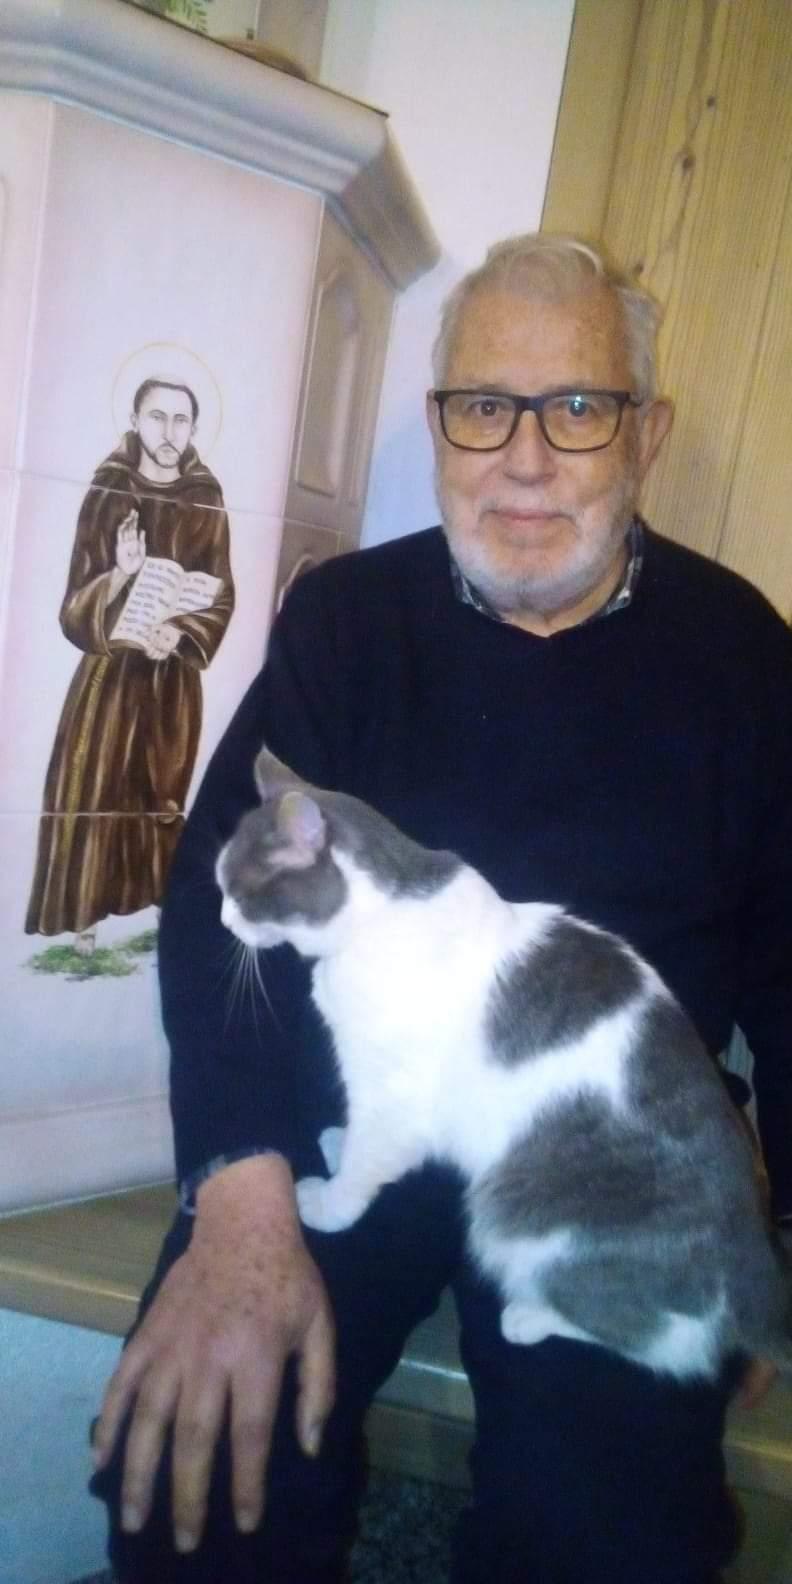 Πατήρ Τζόρζο Μπορήνι, παράδειγμα μεγάλης καρδιάς